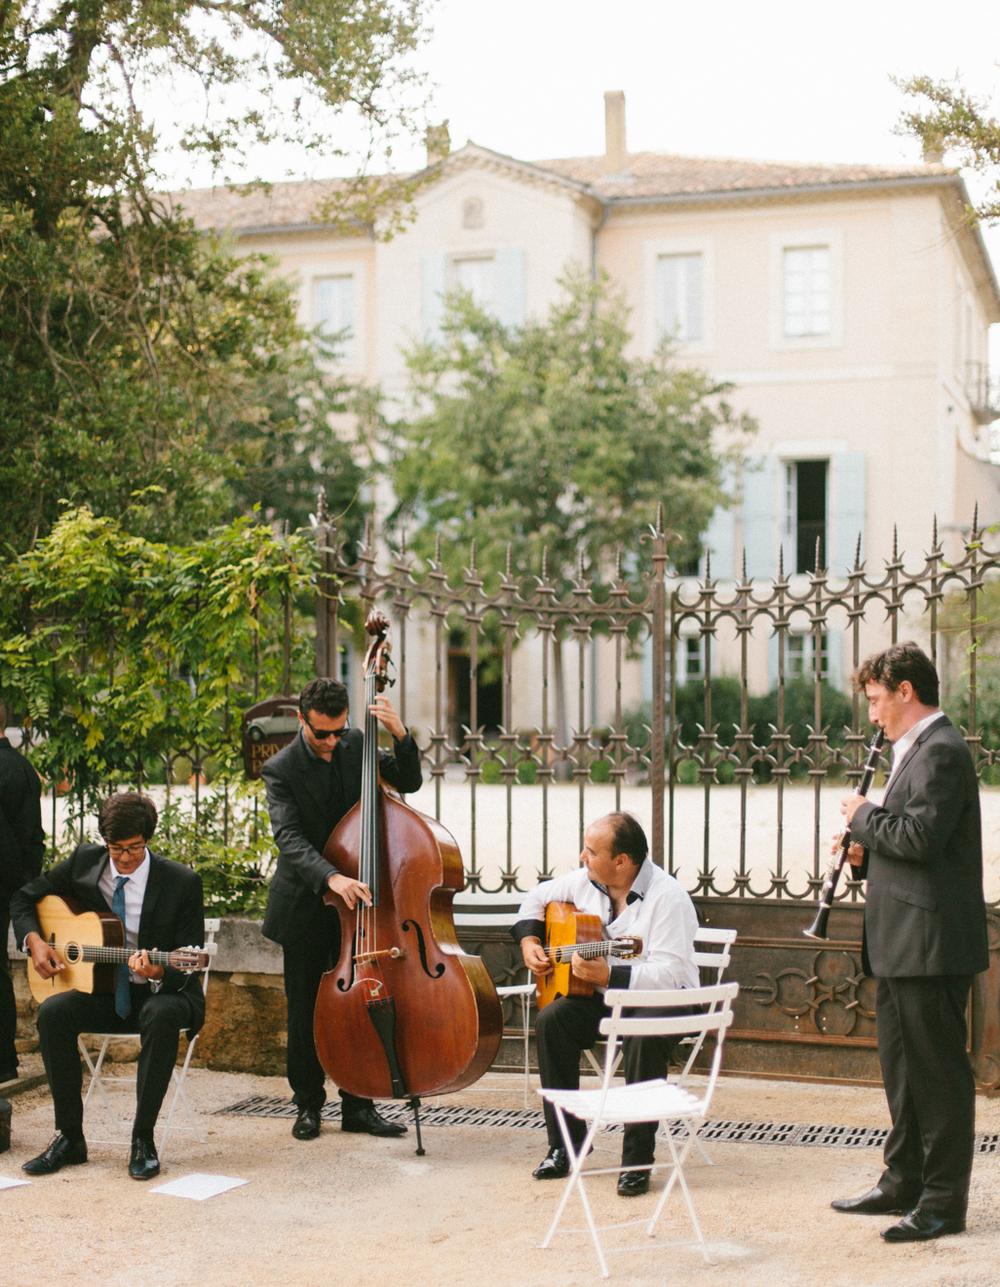 chateau_la_tour_vaucros_7.jpg